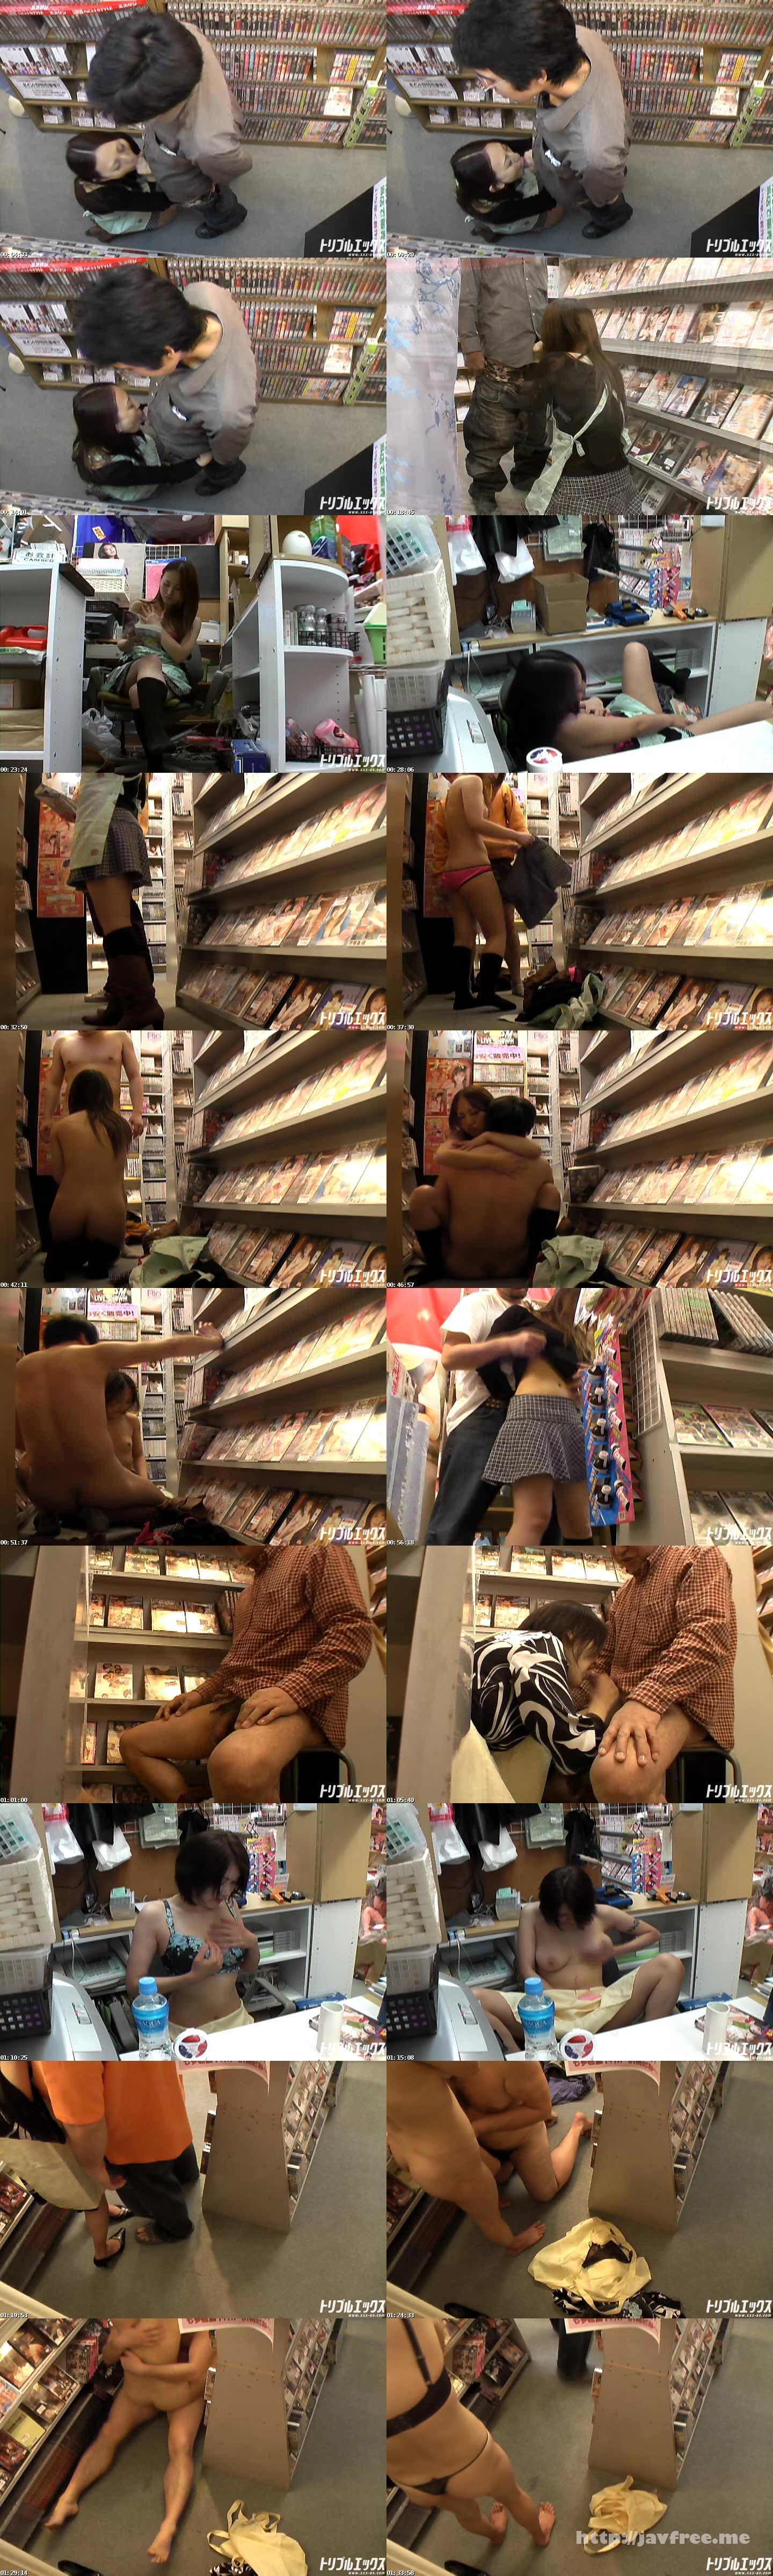 XXX AV 20868 パンキシャ!レンタルビデオ店の監視カメラは見た vol.04 XXX AV